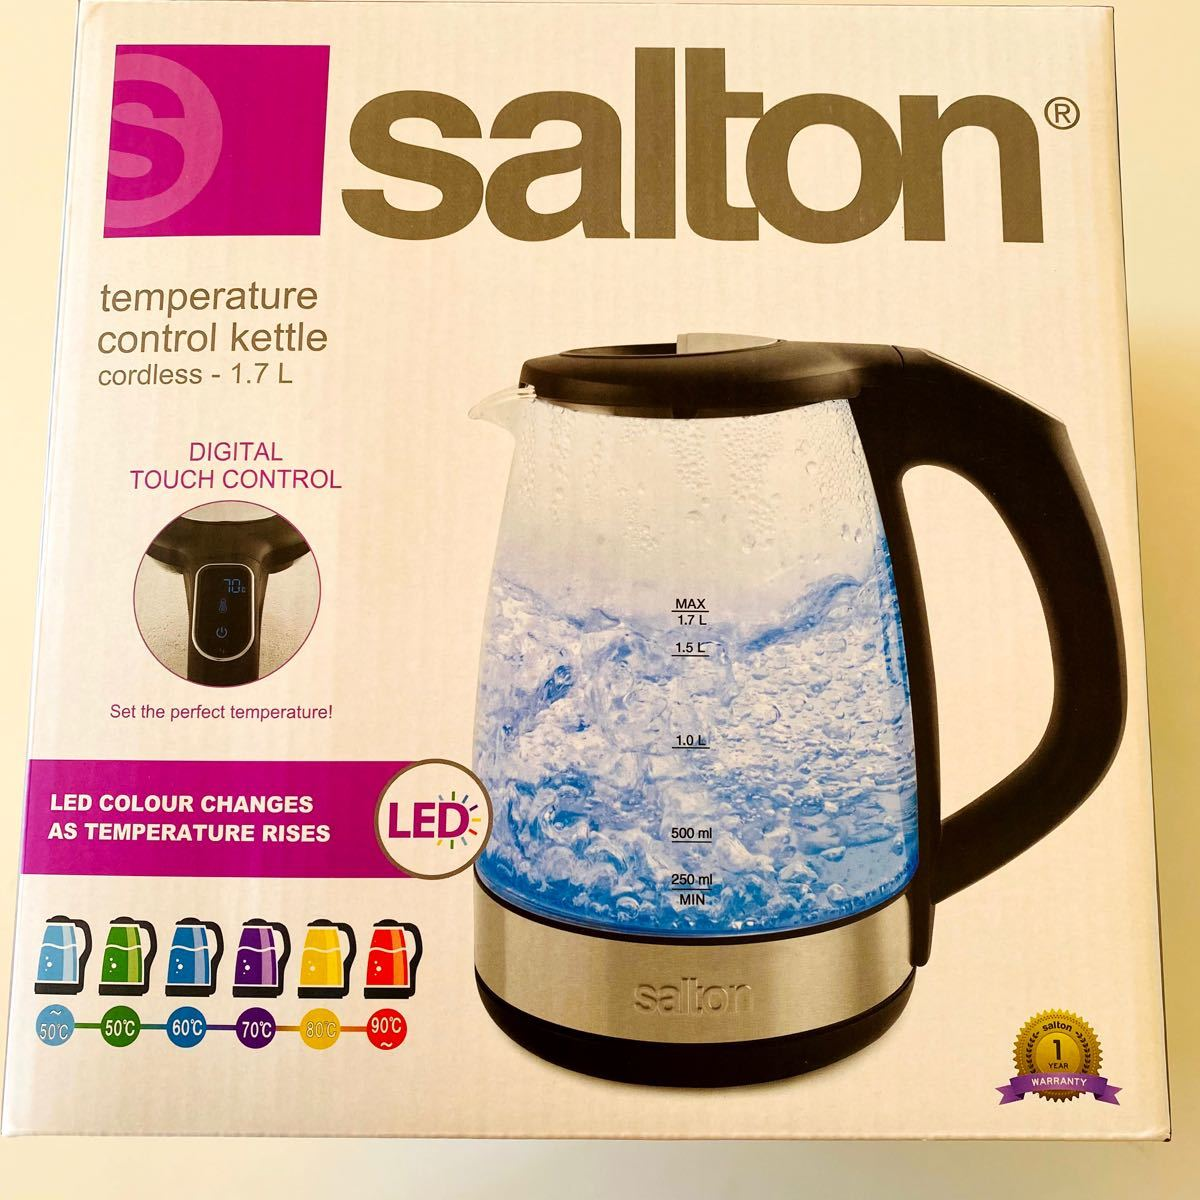 新品!SALTON 電気ケトル 1.7L GK1967 温度コントロール機能付き